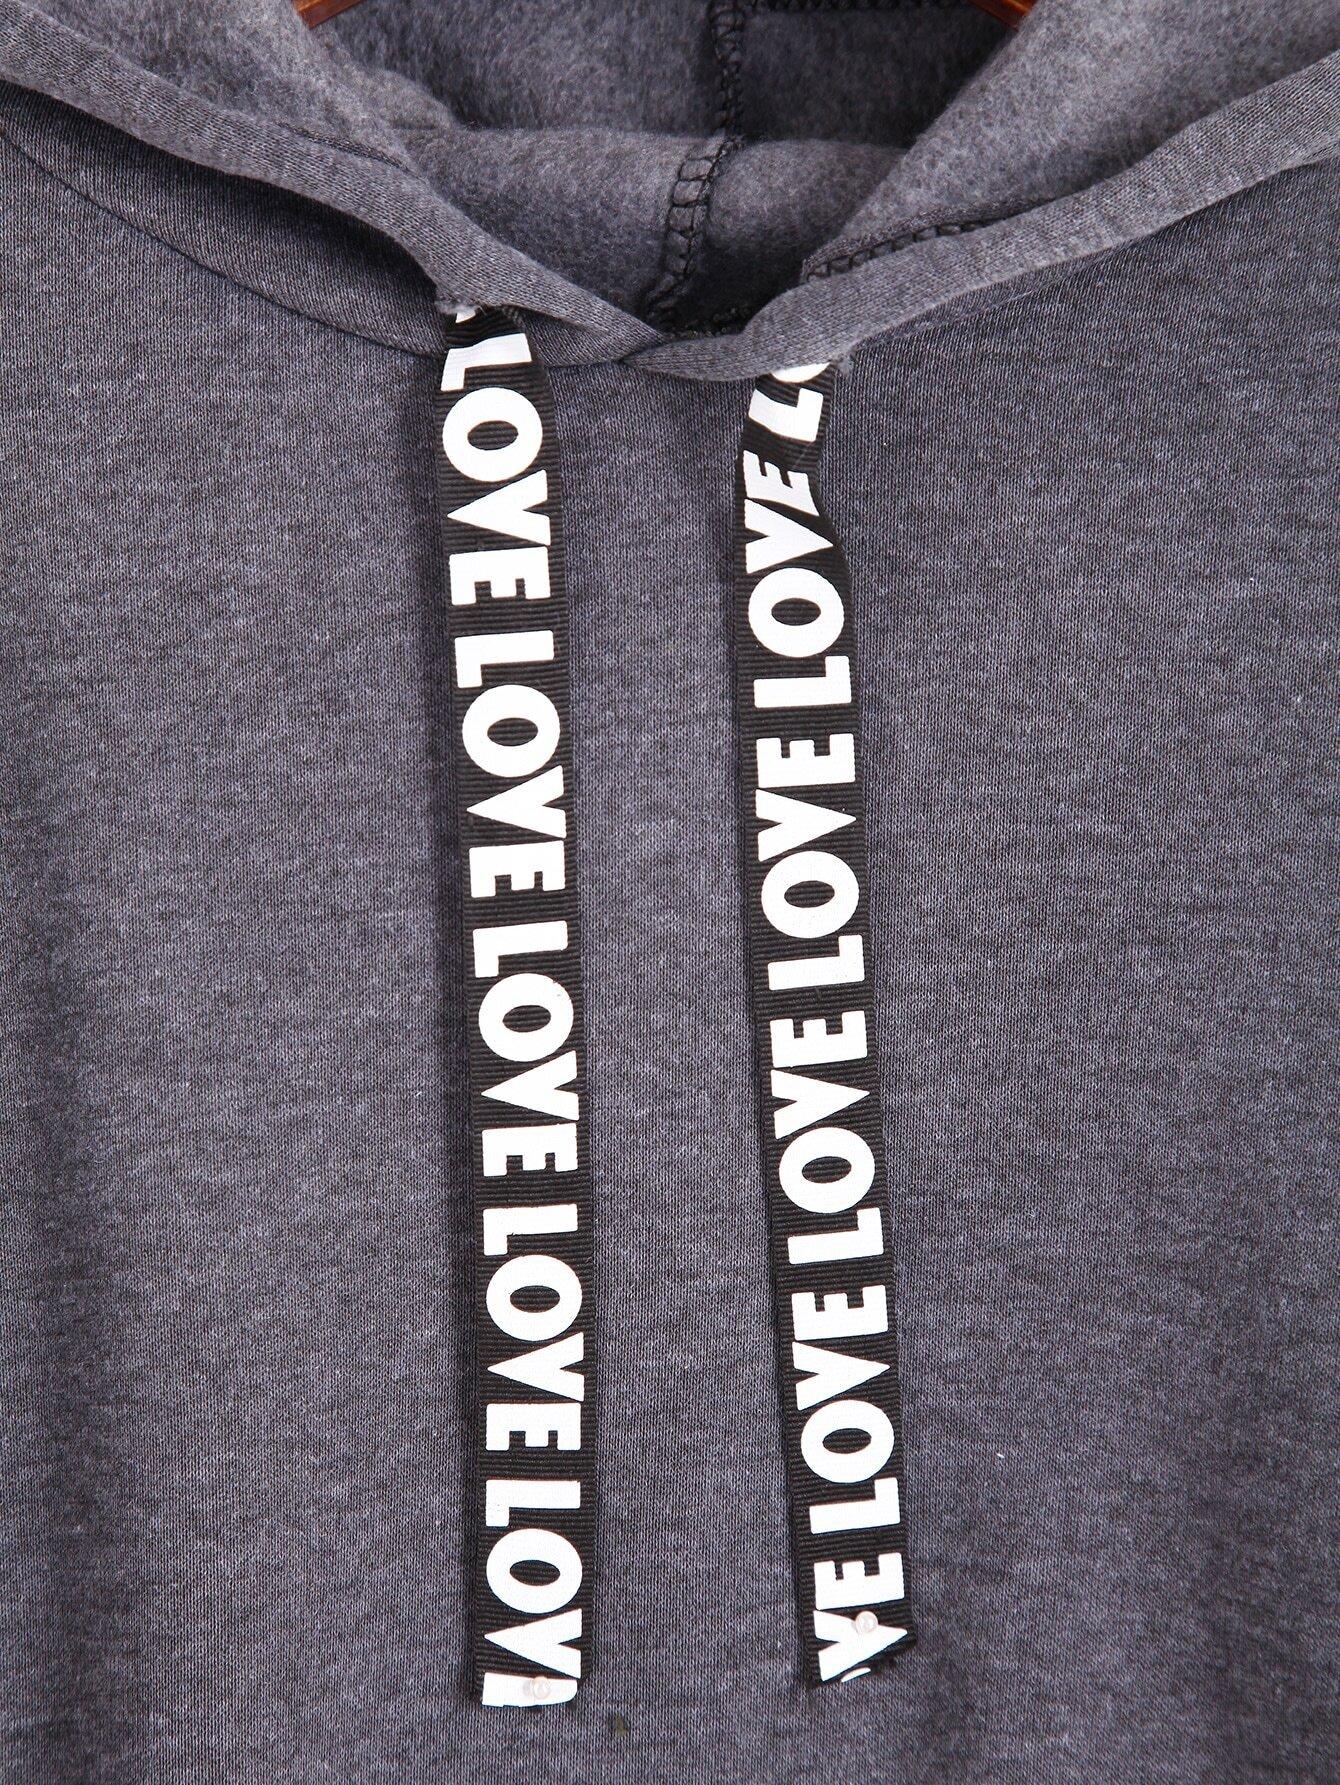 sweatshirt161118121_2